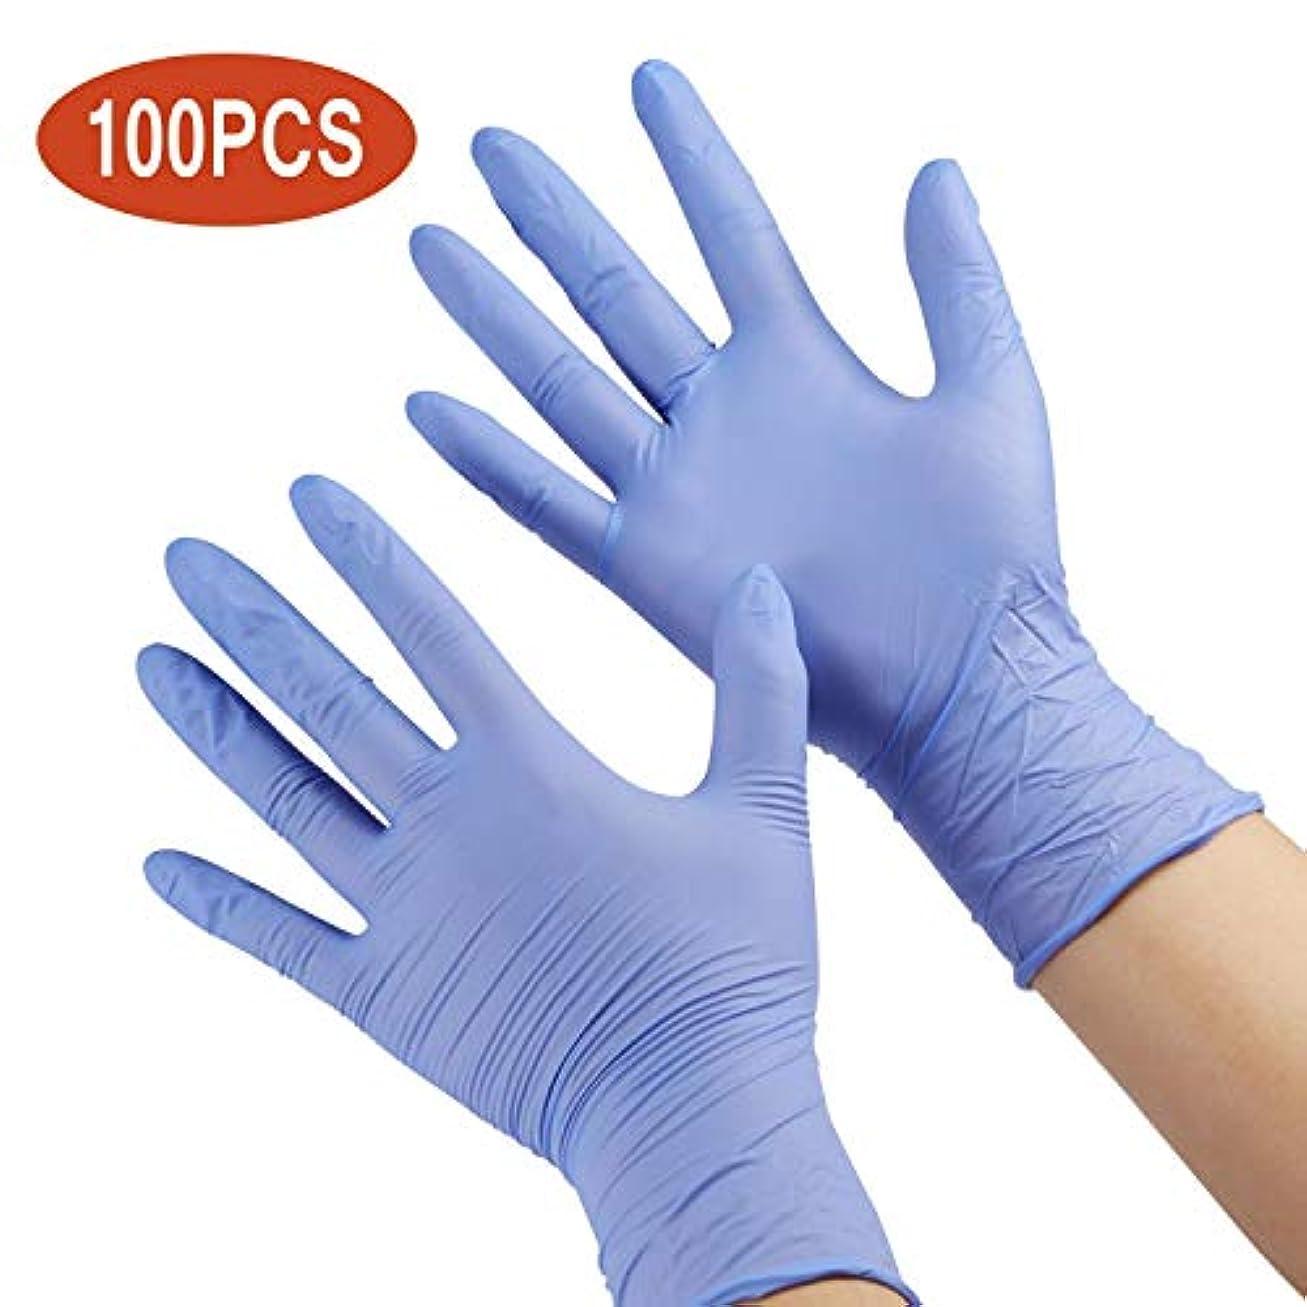 具体的に阻害するファイナンス子供用 使い捨てニトリル手袋 6~12歳の学生用 パウダーフリー ラテックスフリー 無臭 食品グレード アレルギーフリー テクスチャ指 100個